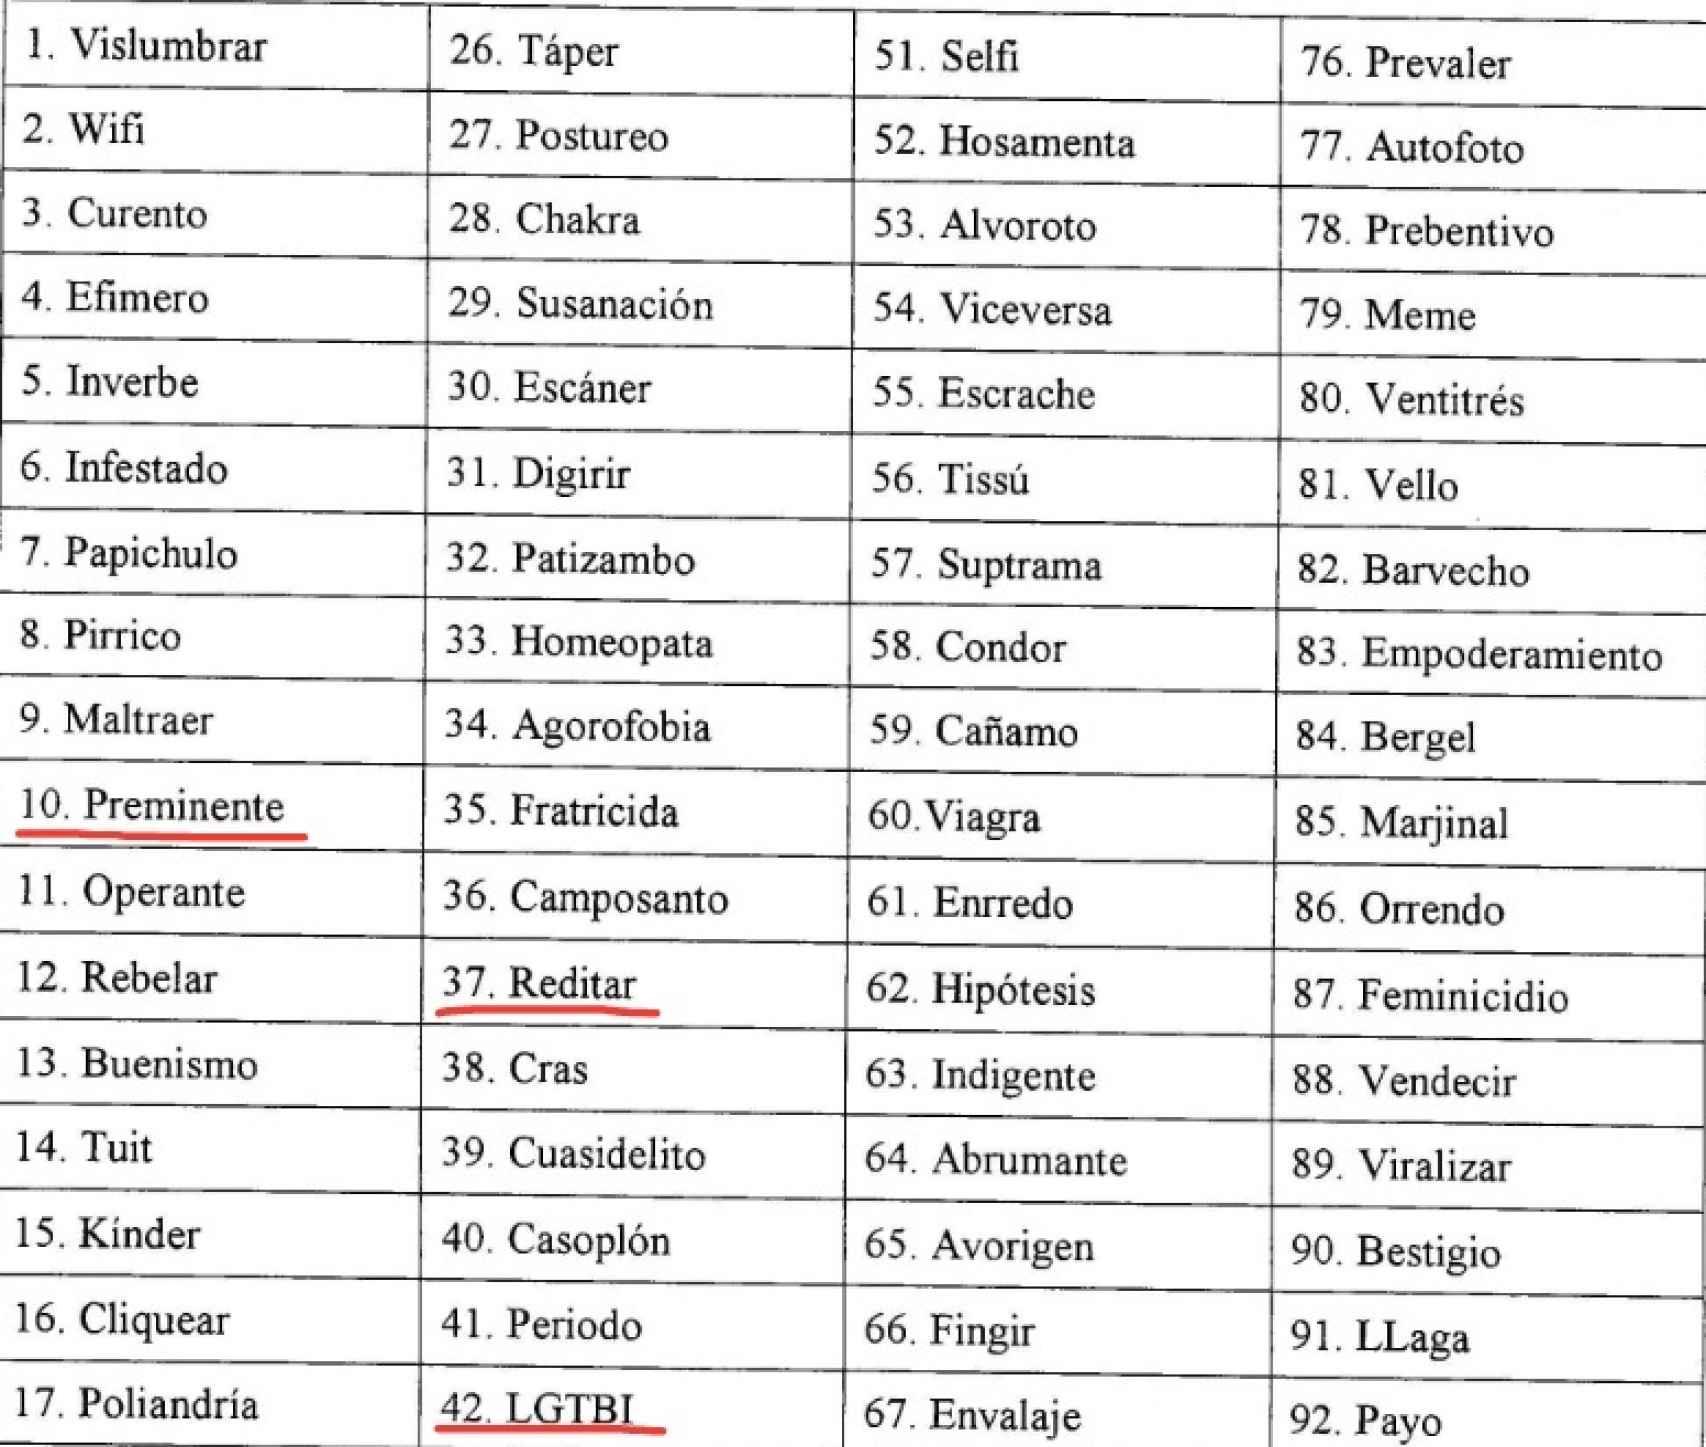 El polémico examen de ortografía.